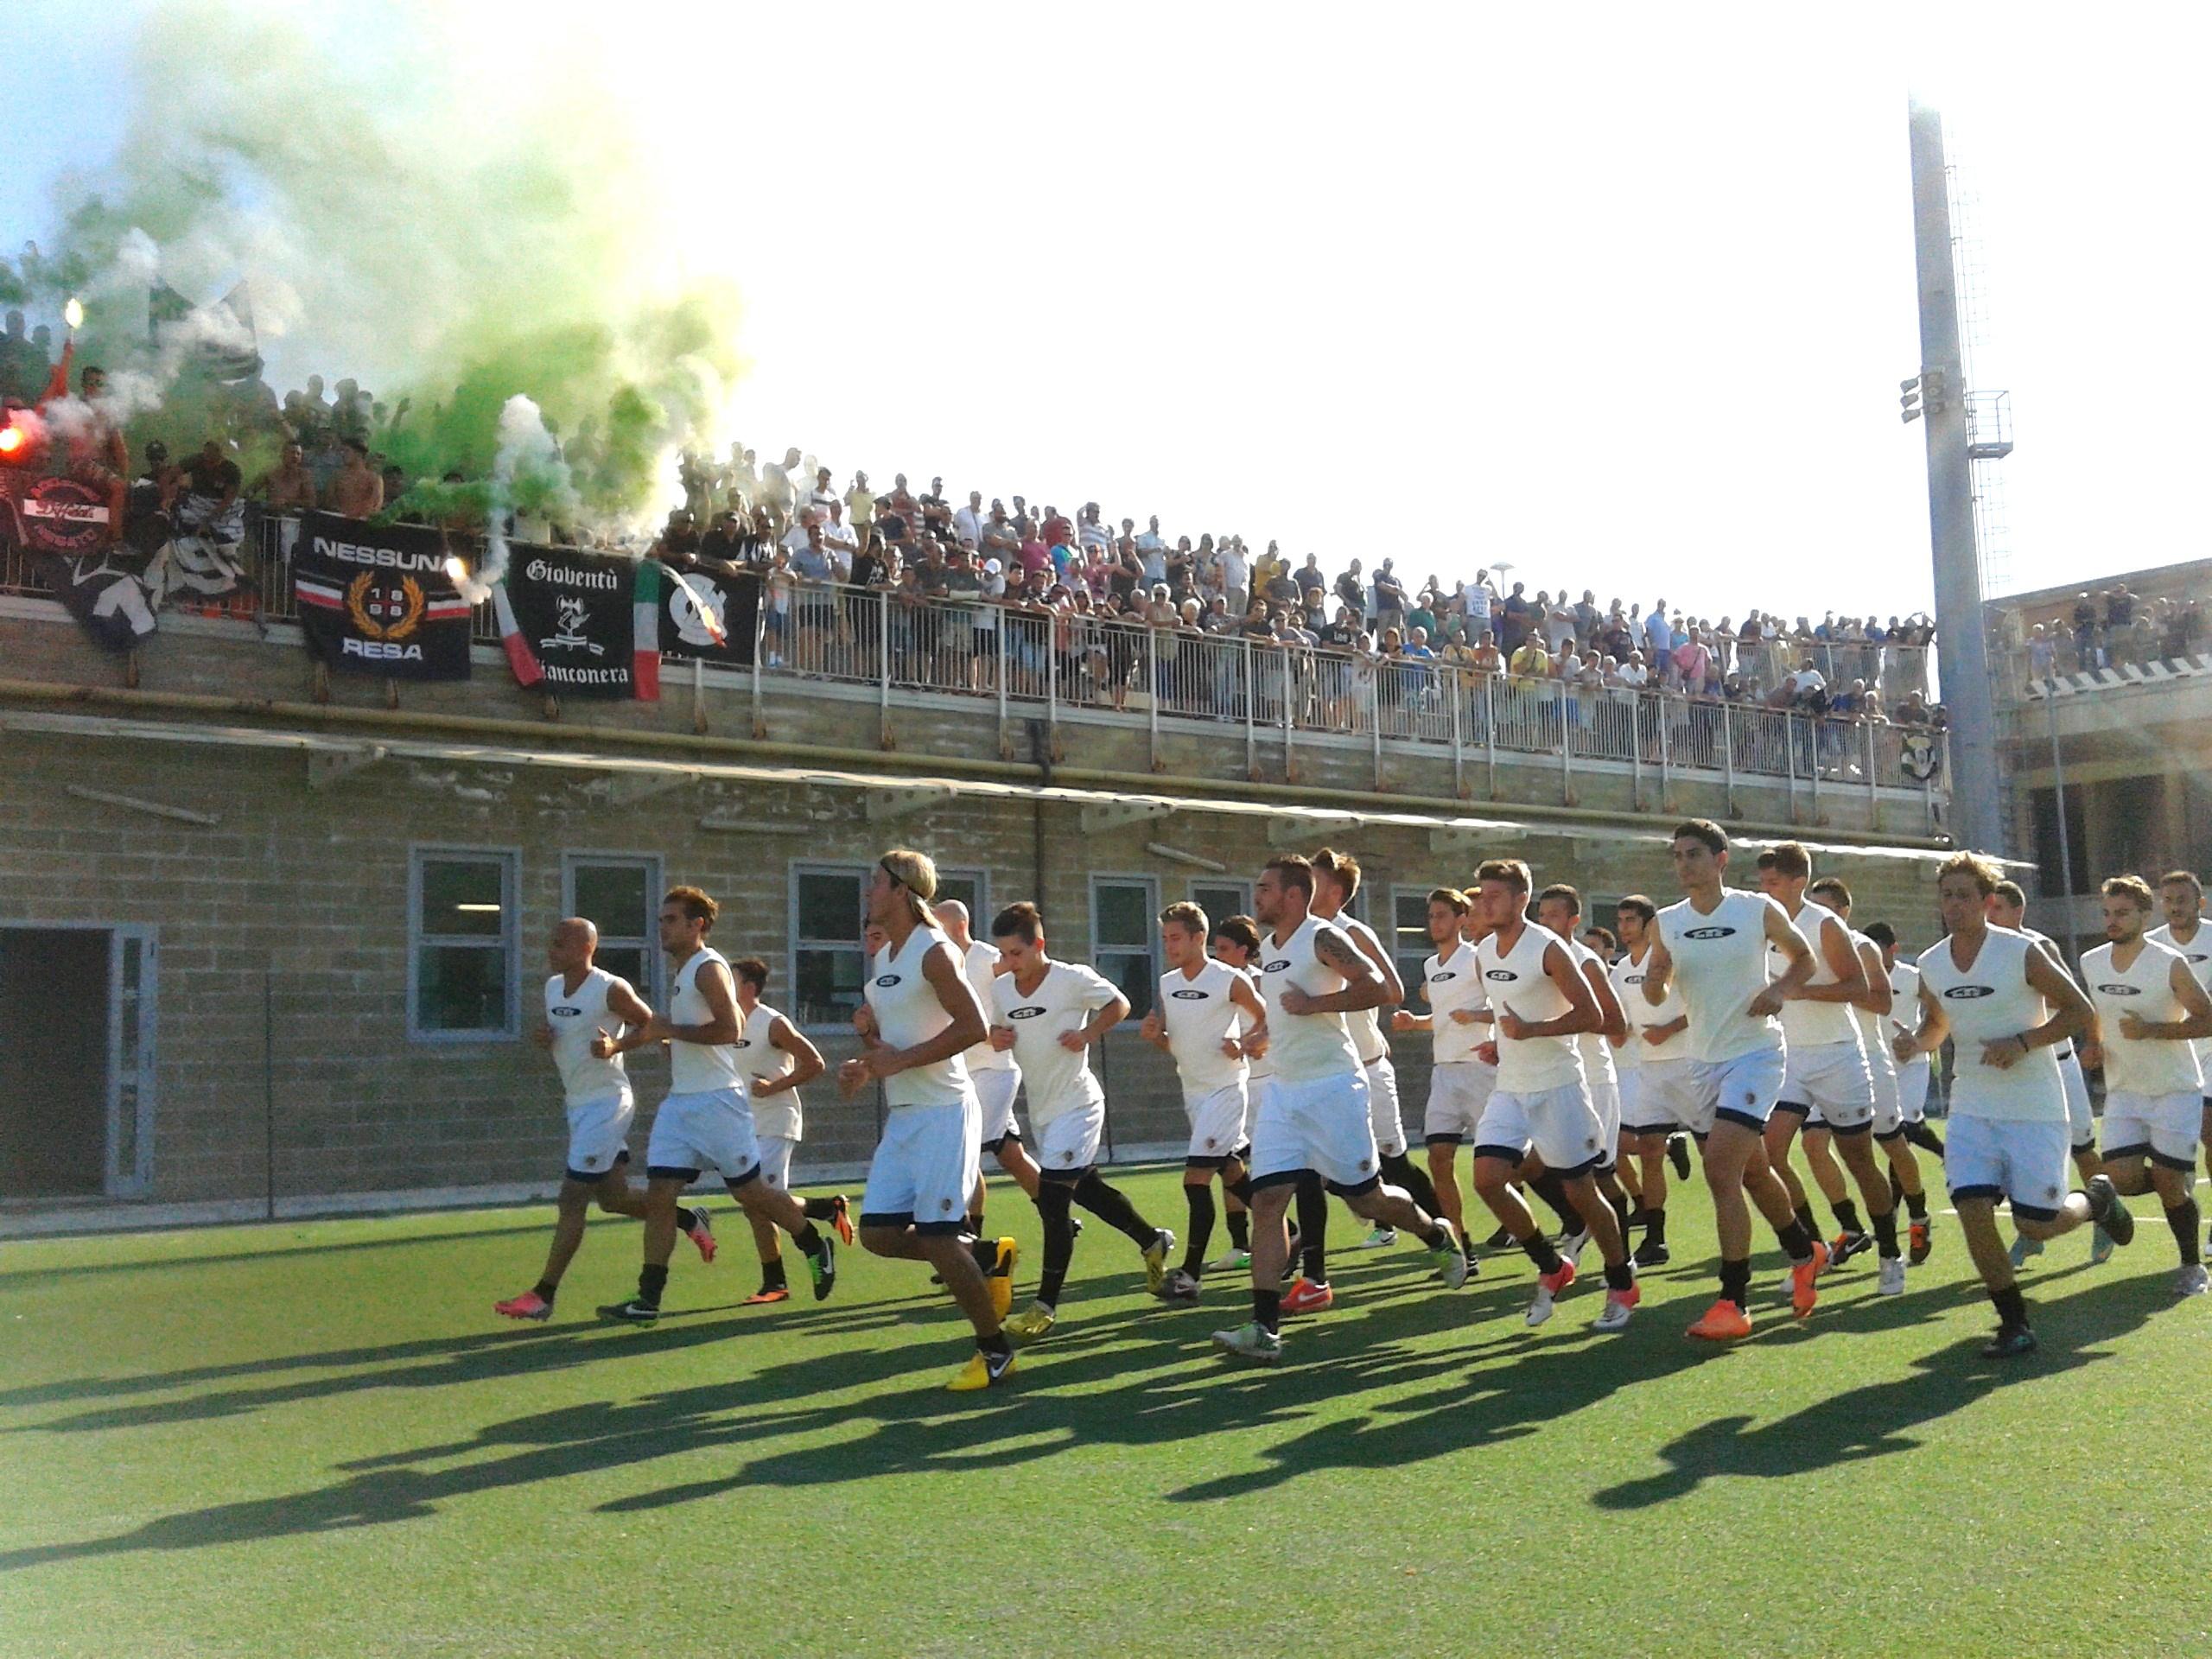 La squadra al lavoro sotto i tifosi bianconeri